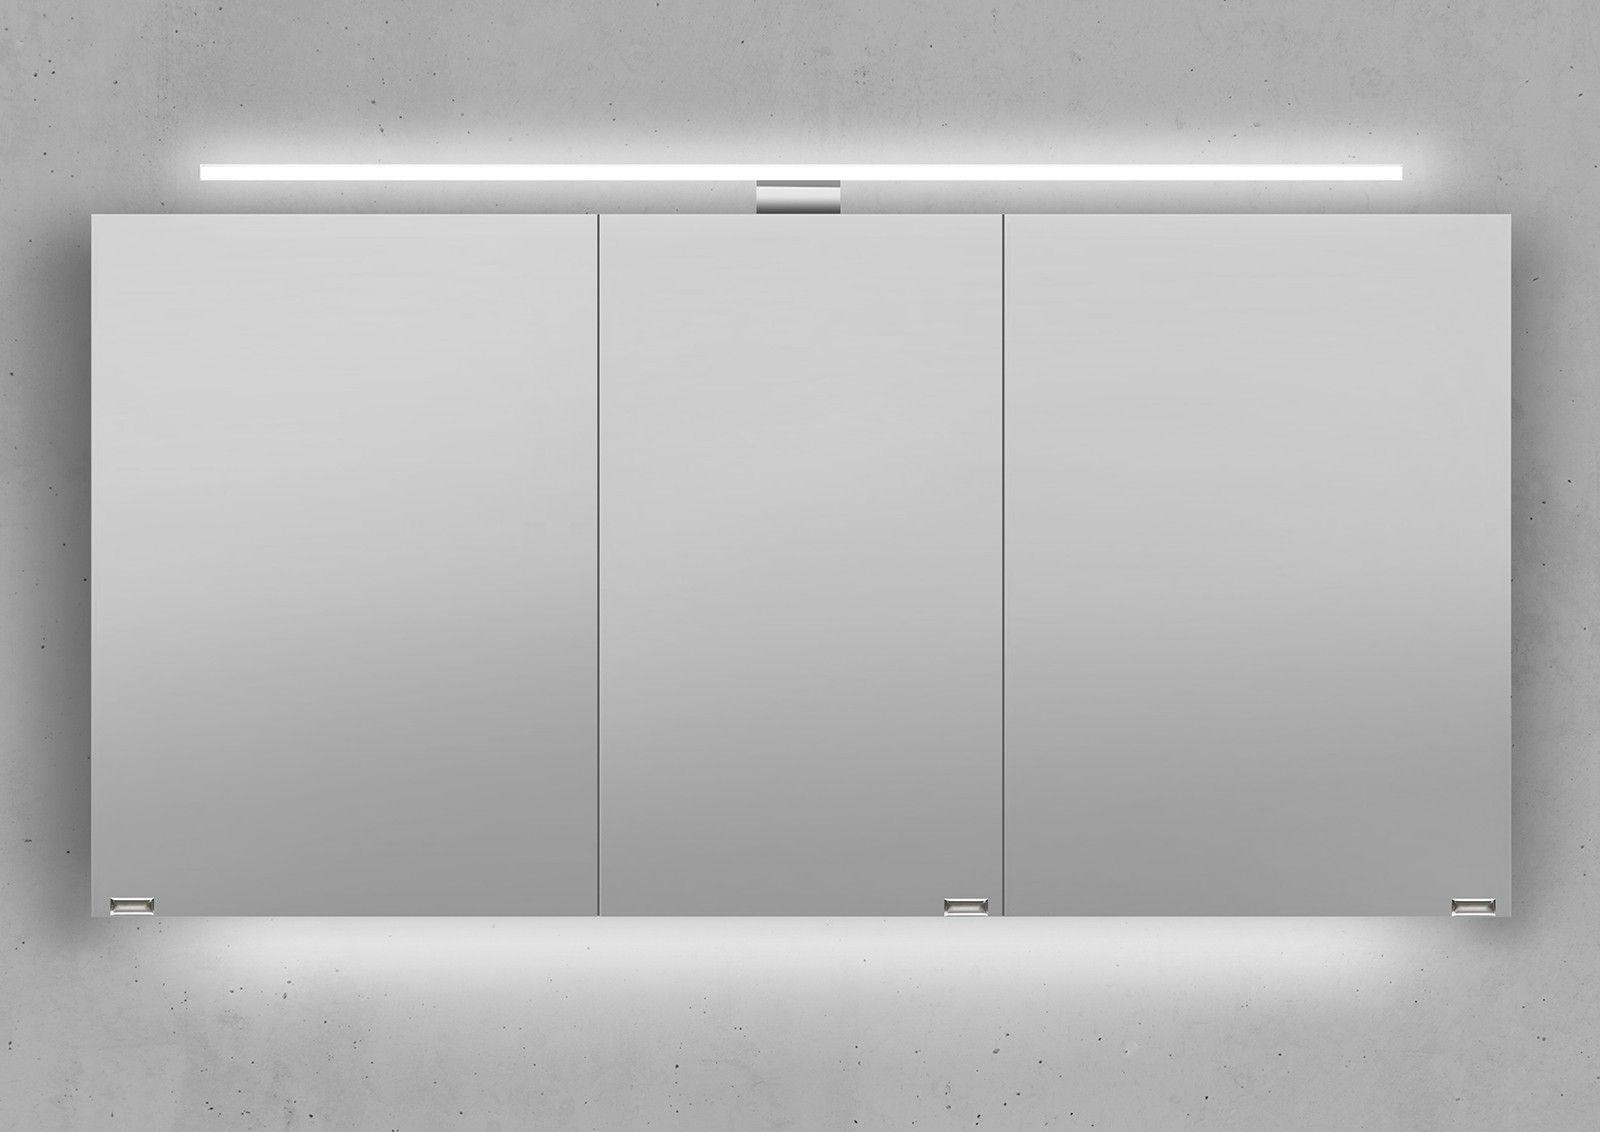 Designbaeder Com Spiegelschrank Led Aufbauleuchte Badspiegelschrank